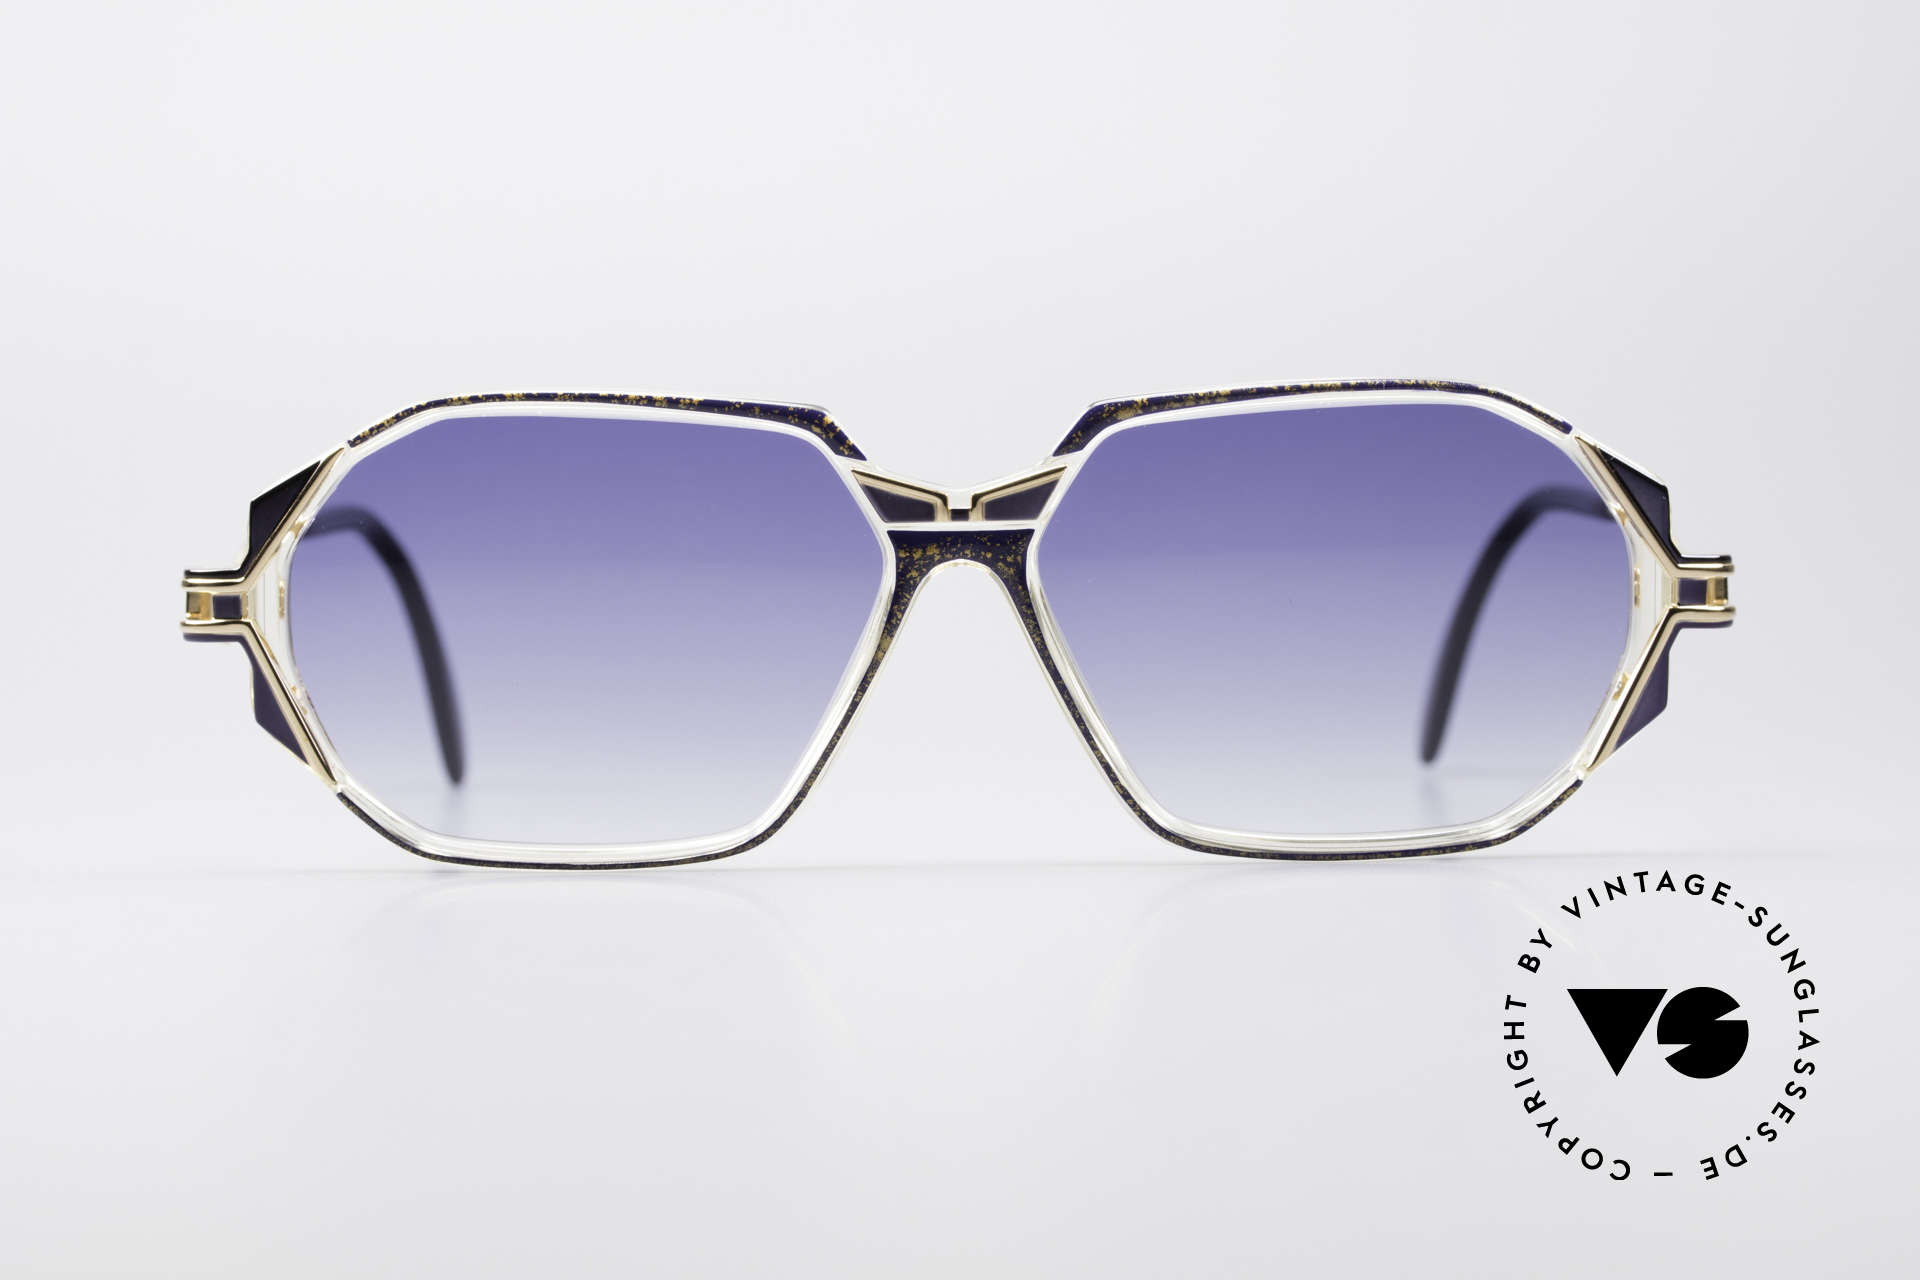 Cazal 361 Designersonnenbrille No Retro, tolle Gestaltung der Bügelgelenke & Rahmenmuster, Passend für Damen